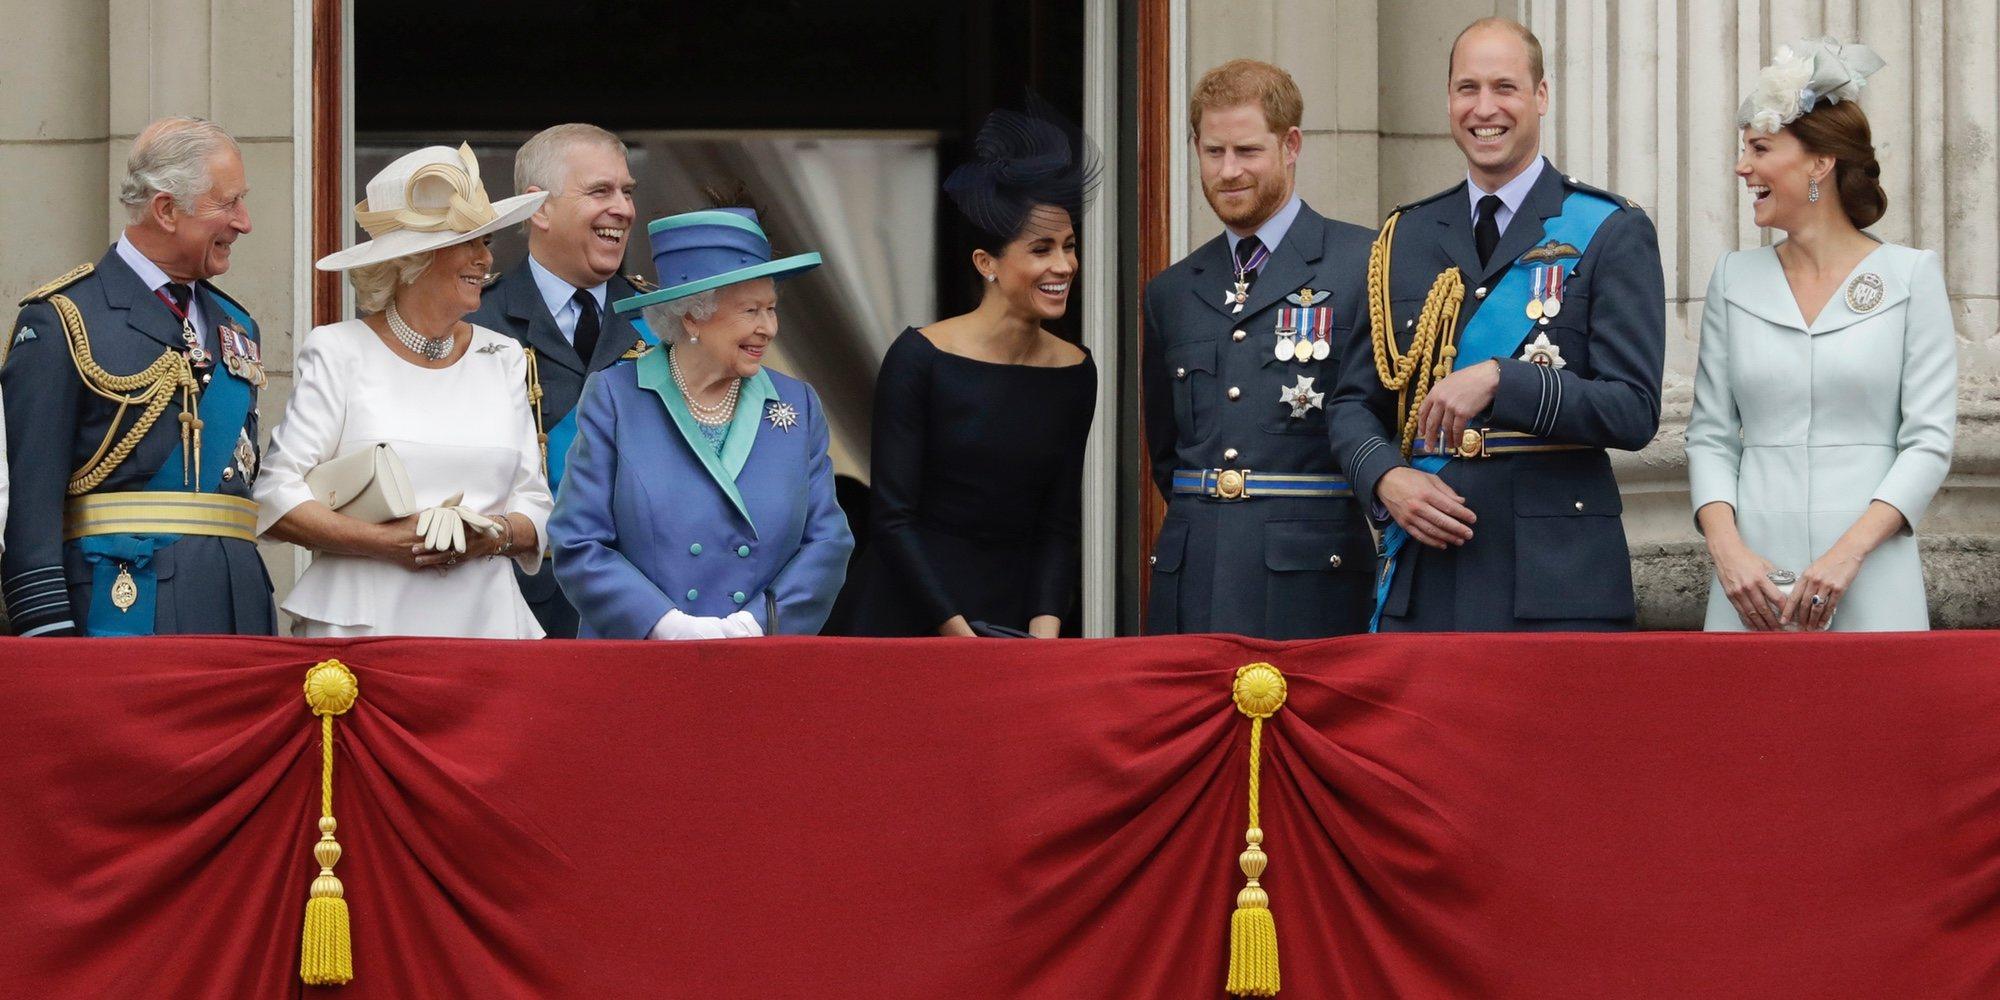 Las comedias de la Familia Real Británica: de las risas de los mayores a las travesuras de los Príncipes Jorge y Carlota